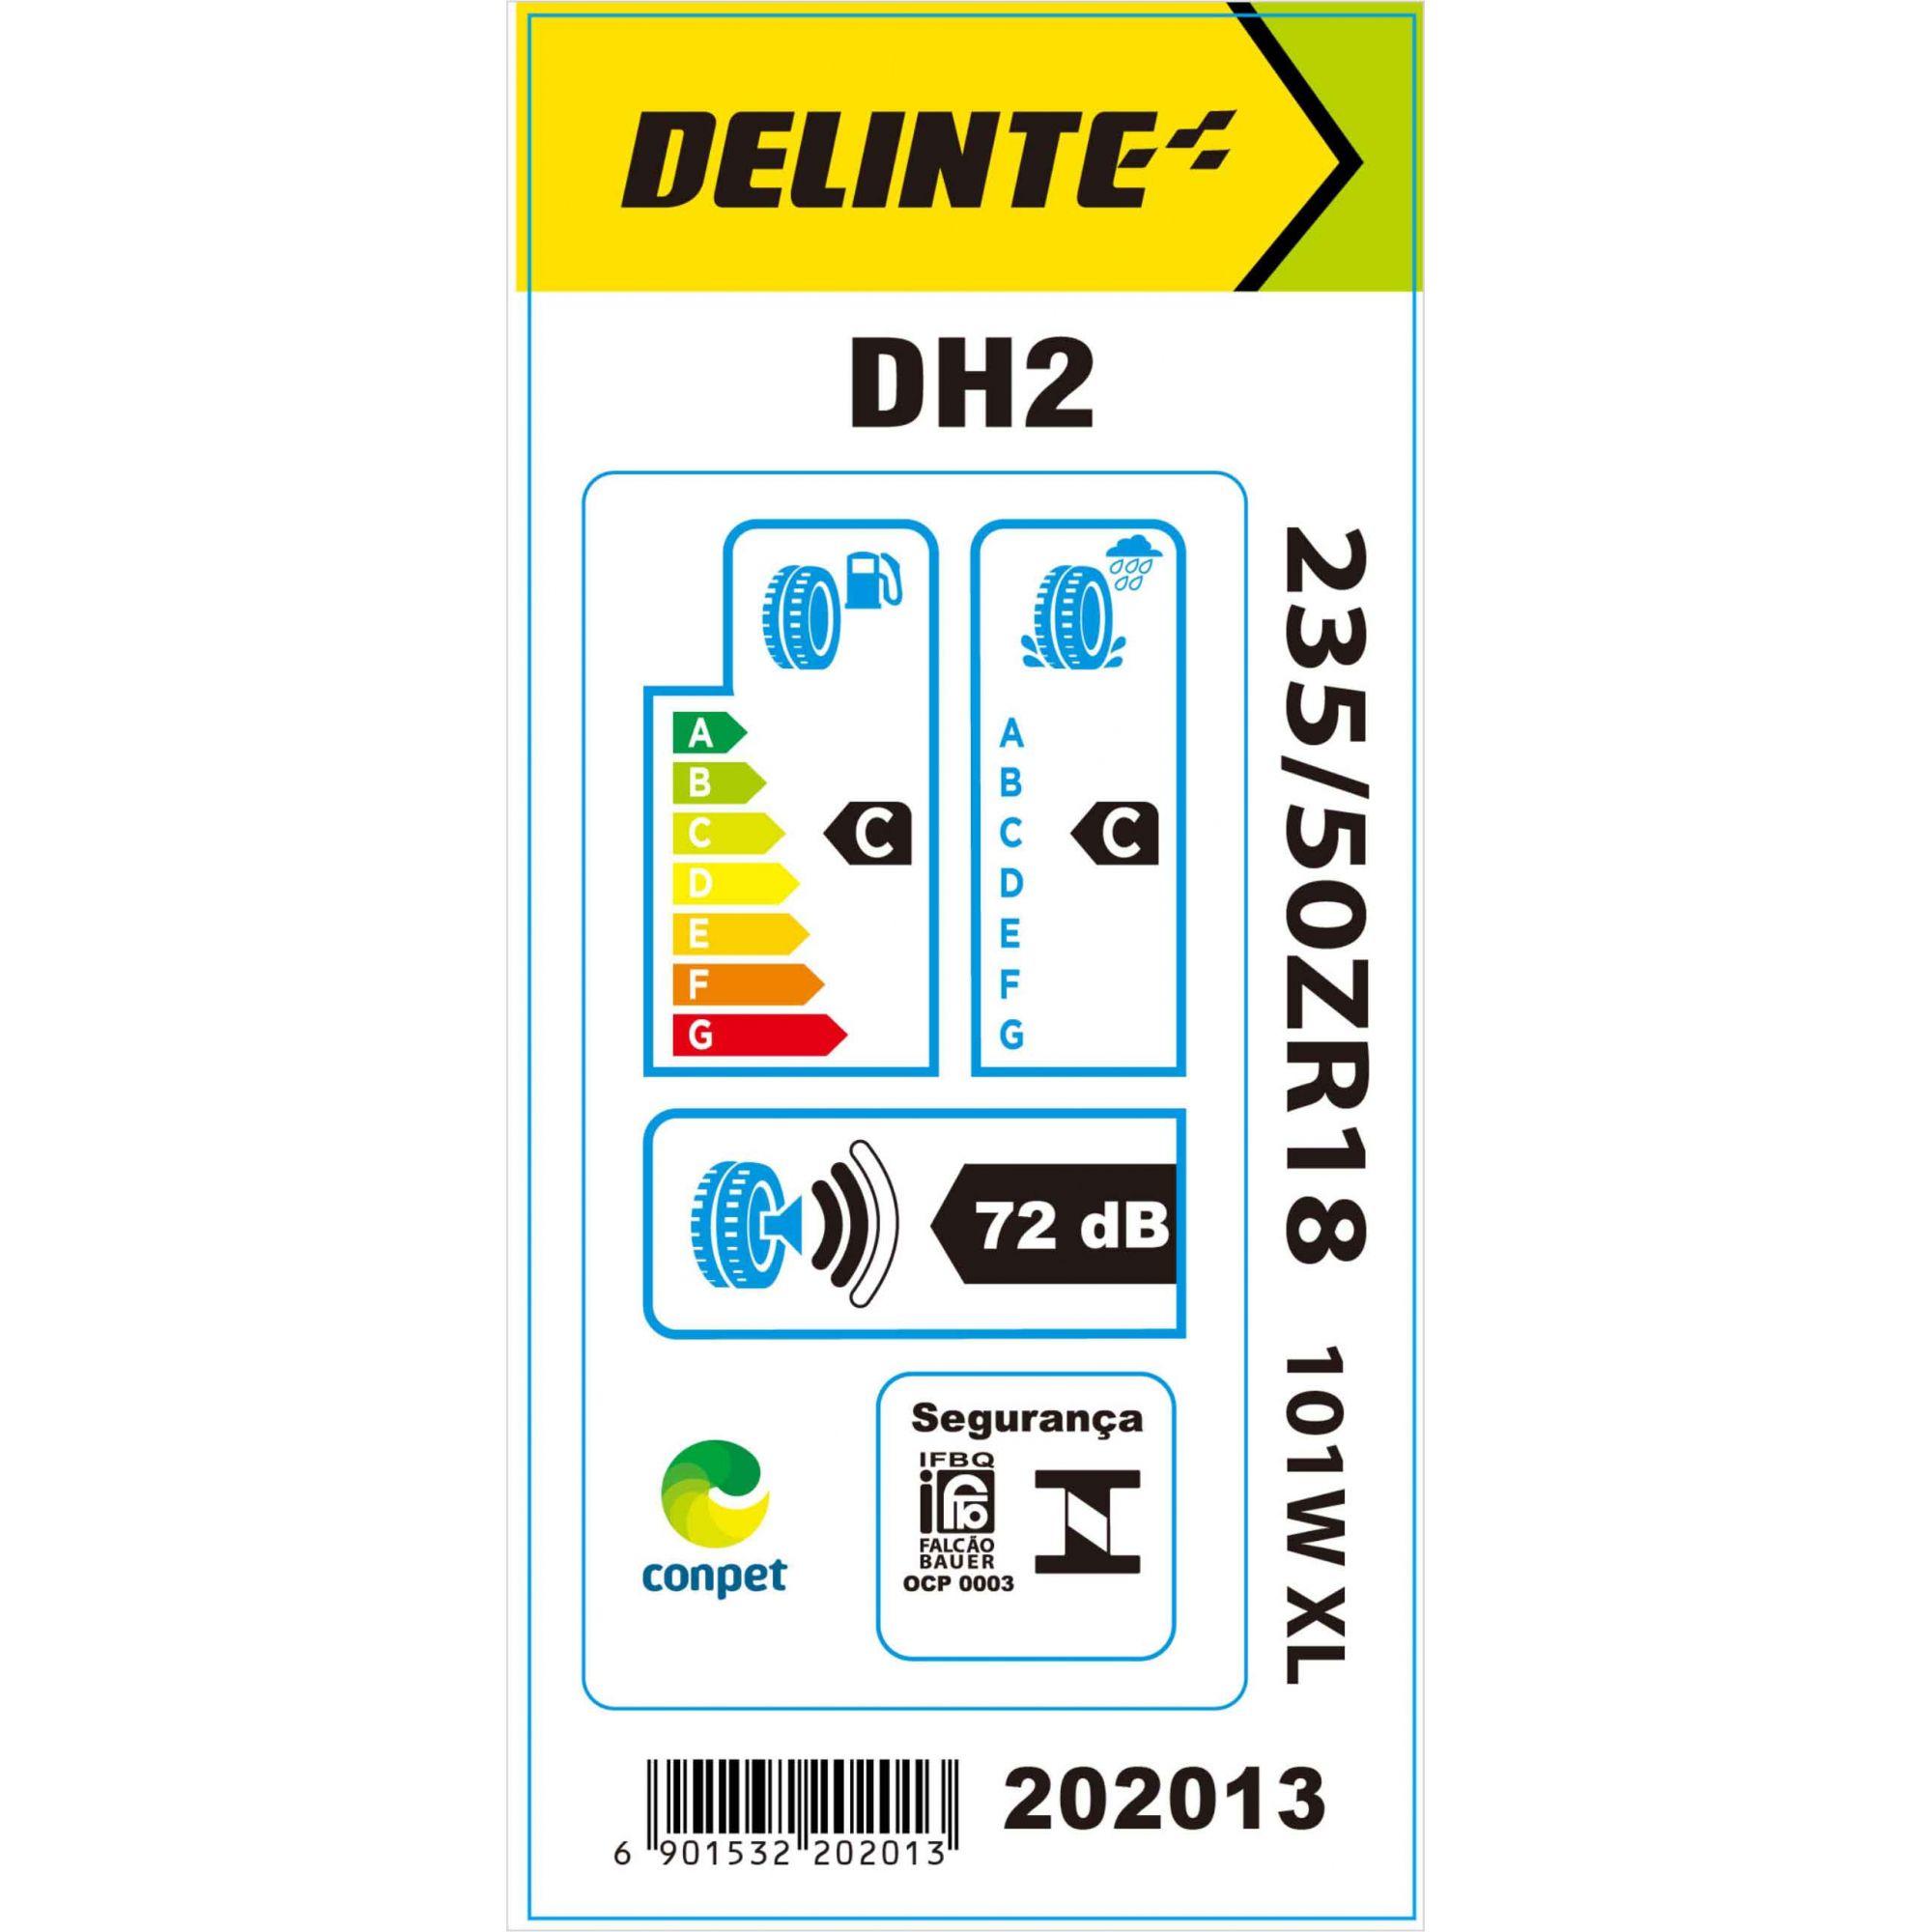 Pneu 235/50R18 Delinte DH2 101W